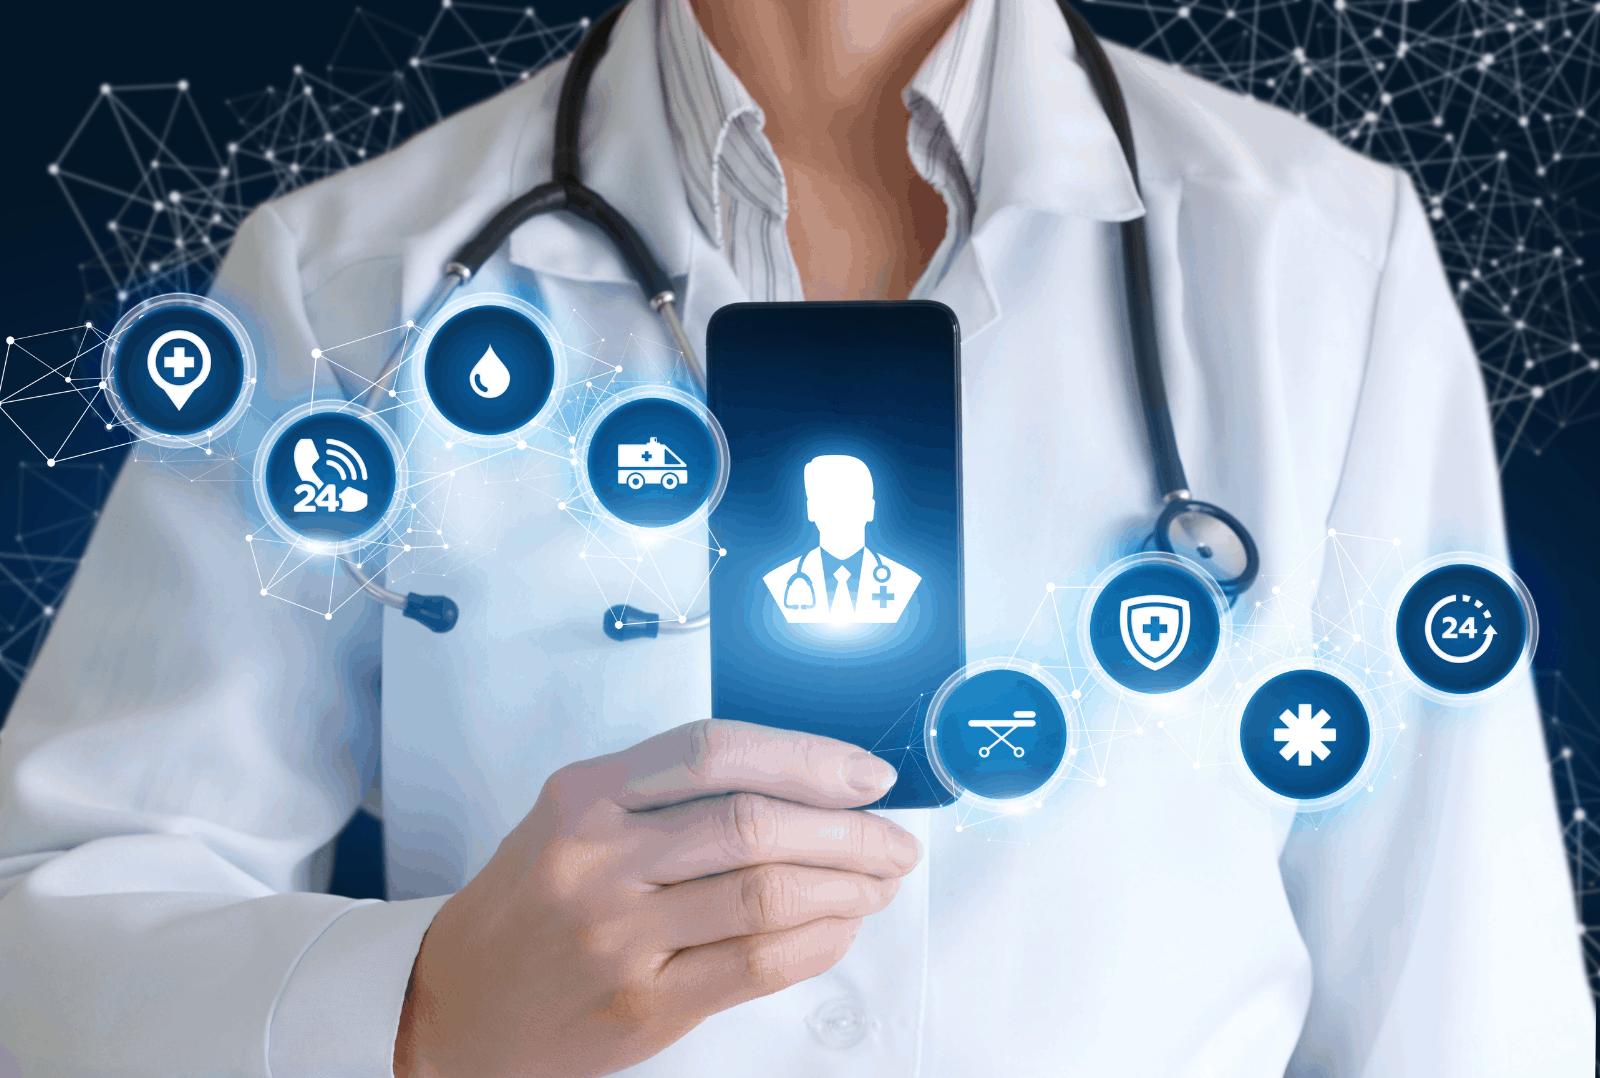 telemedicina e mobilità sanitaria